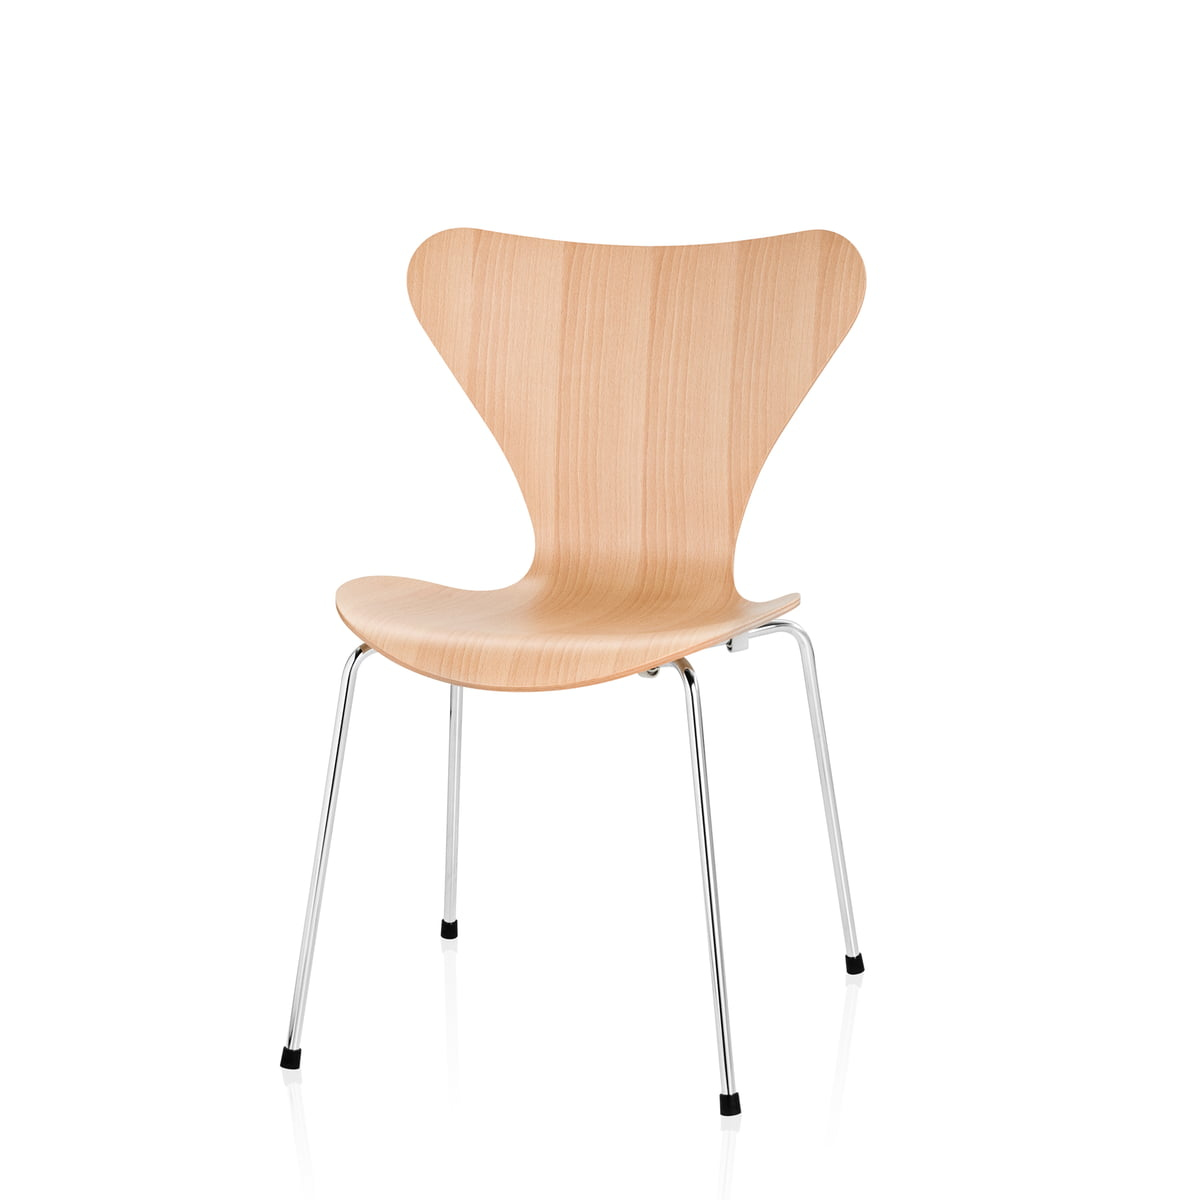 Beau Fritz Hansen   Series 7 Childrens Chair, Natural Beech Wood